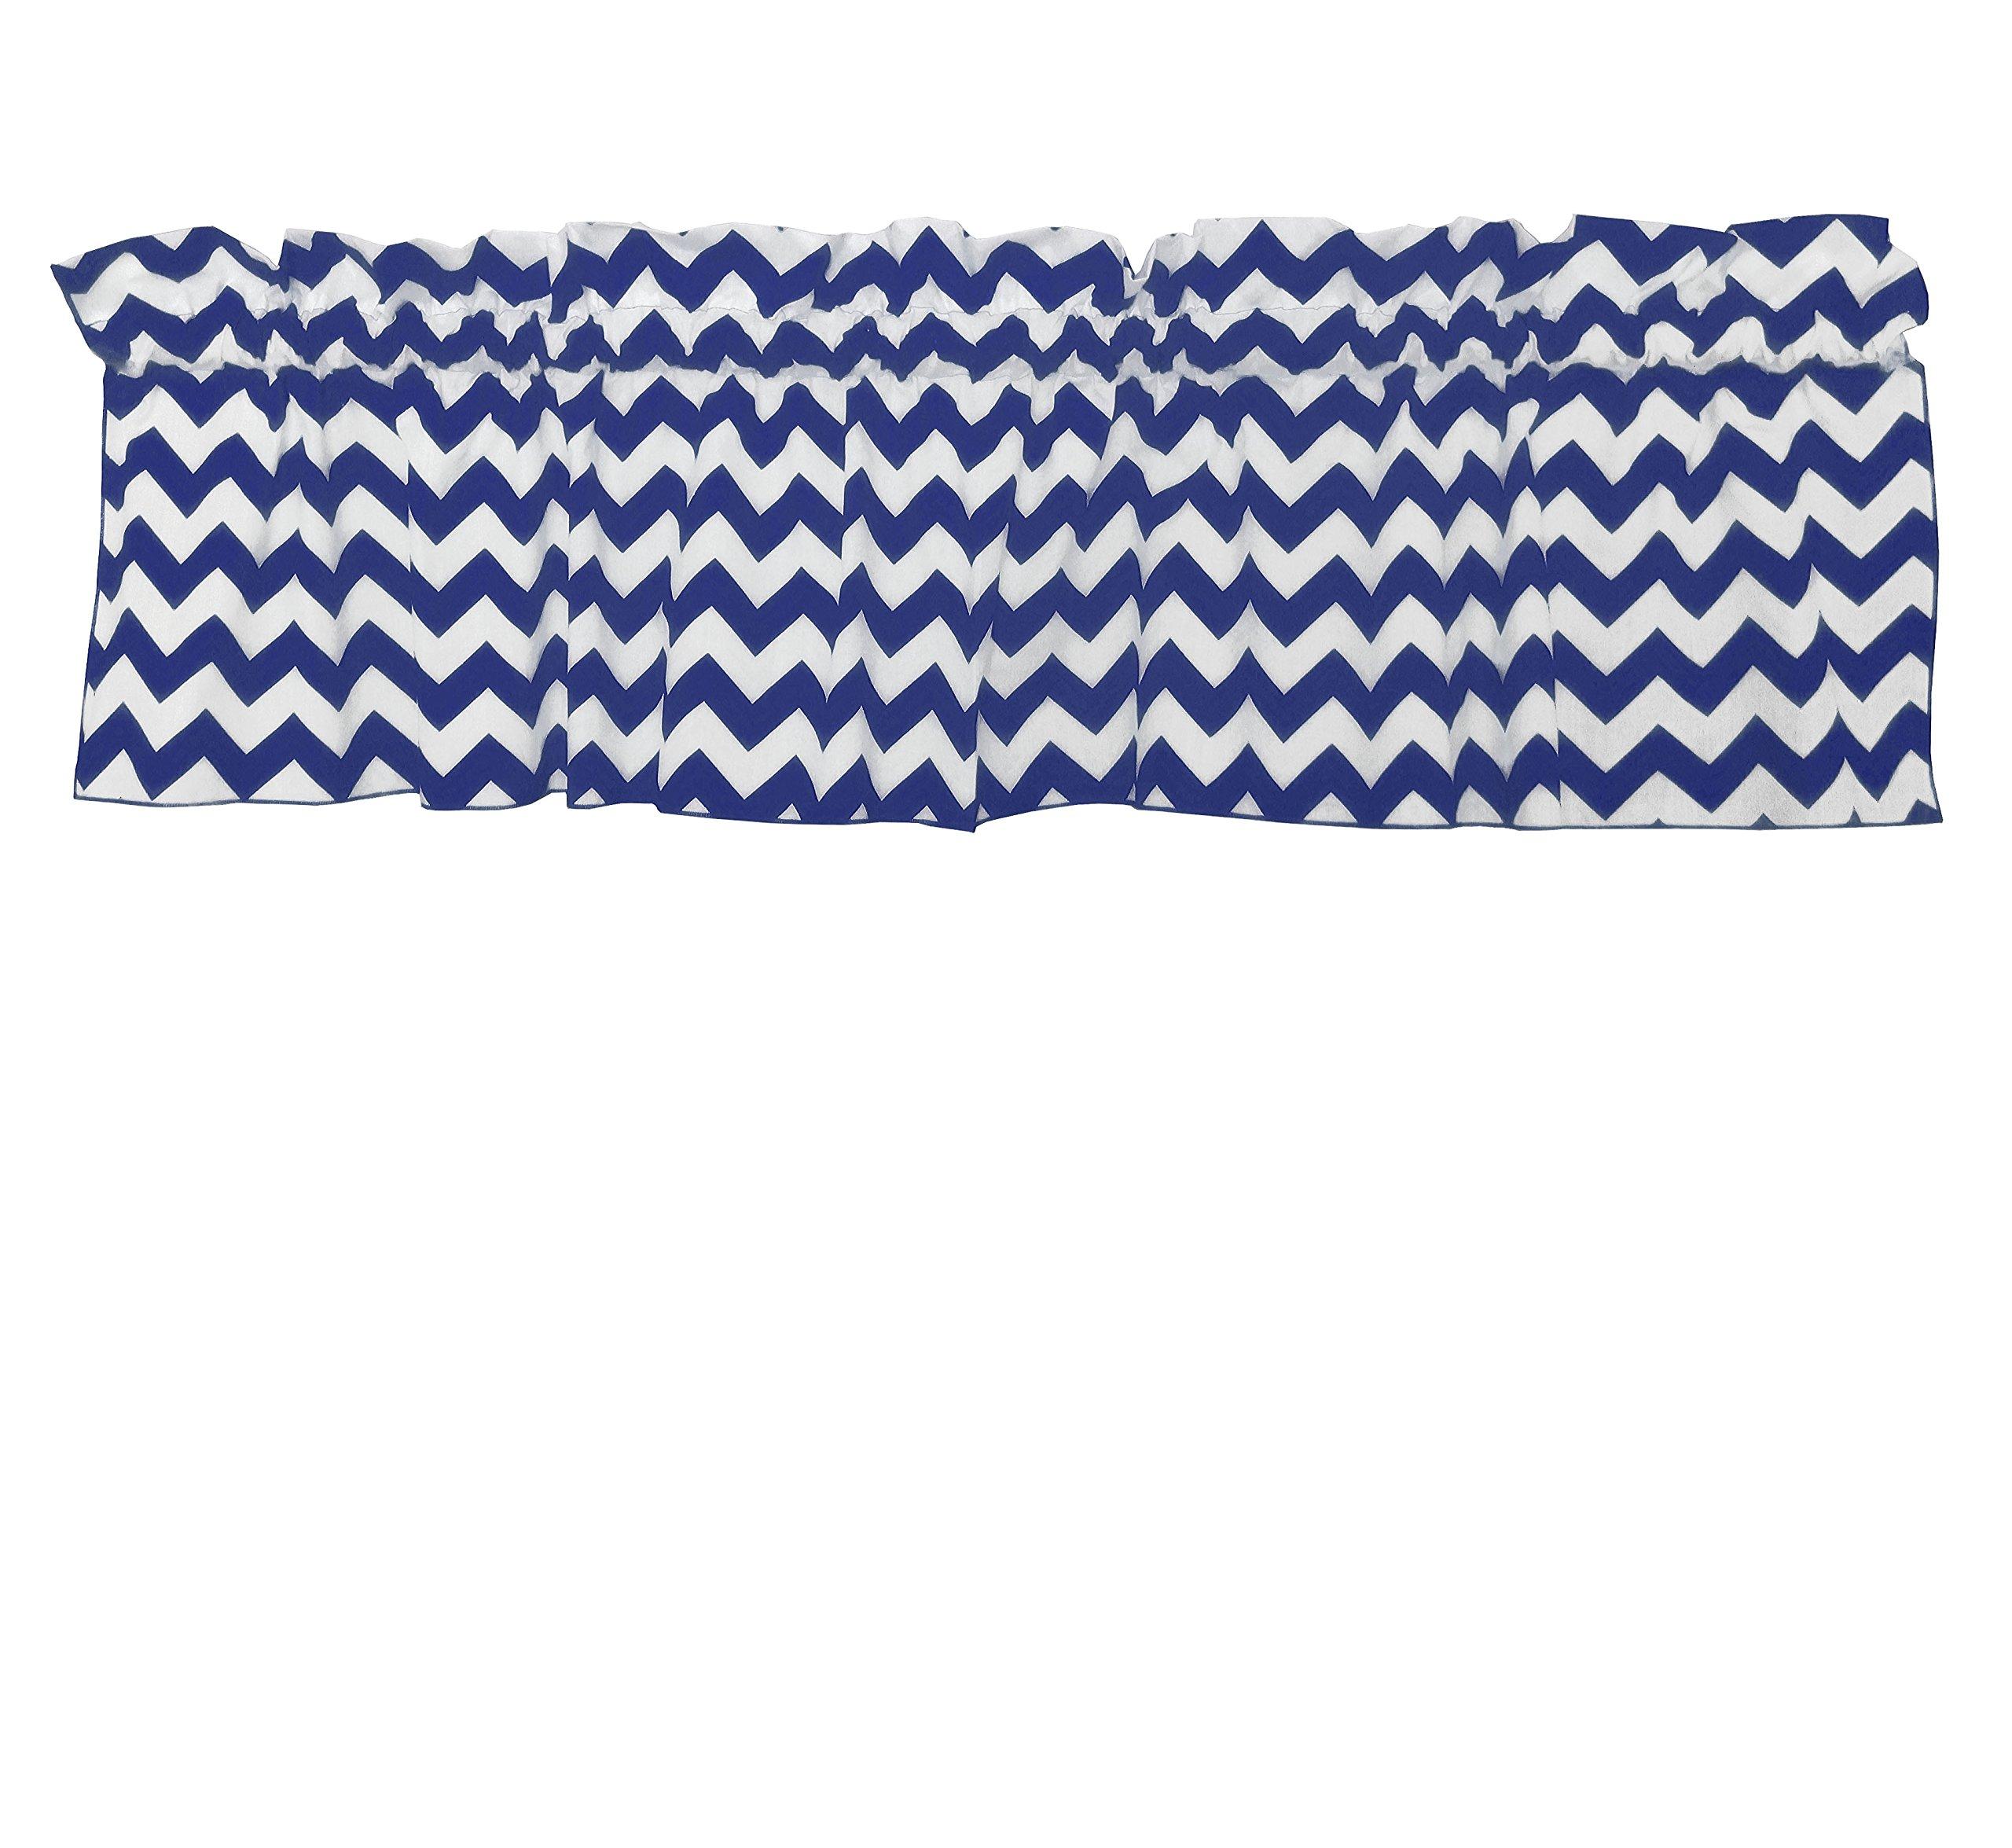 Zen Creative Designs Premium Cotton Curtain Valance / Window Decor / Window Treatments (24 Inch x 58 Inch, Navy) by Zen Creative Designs